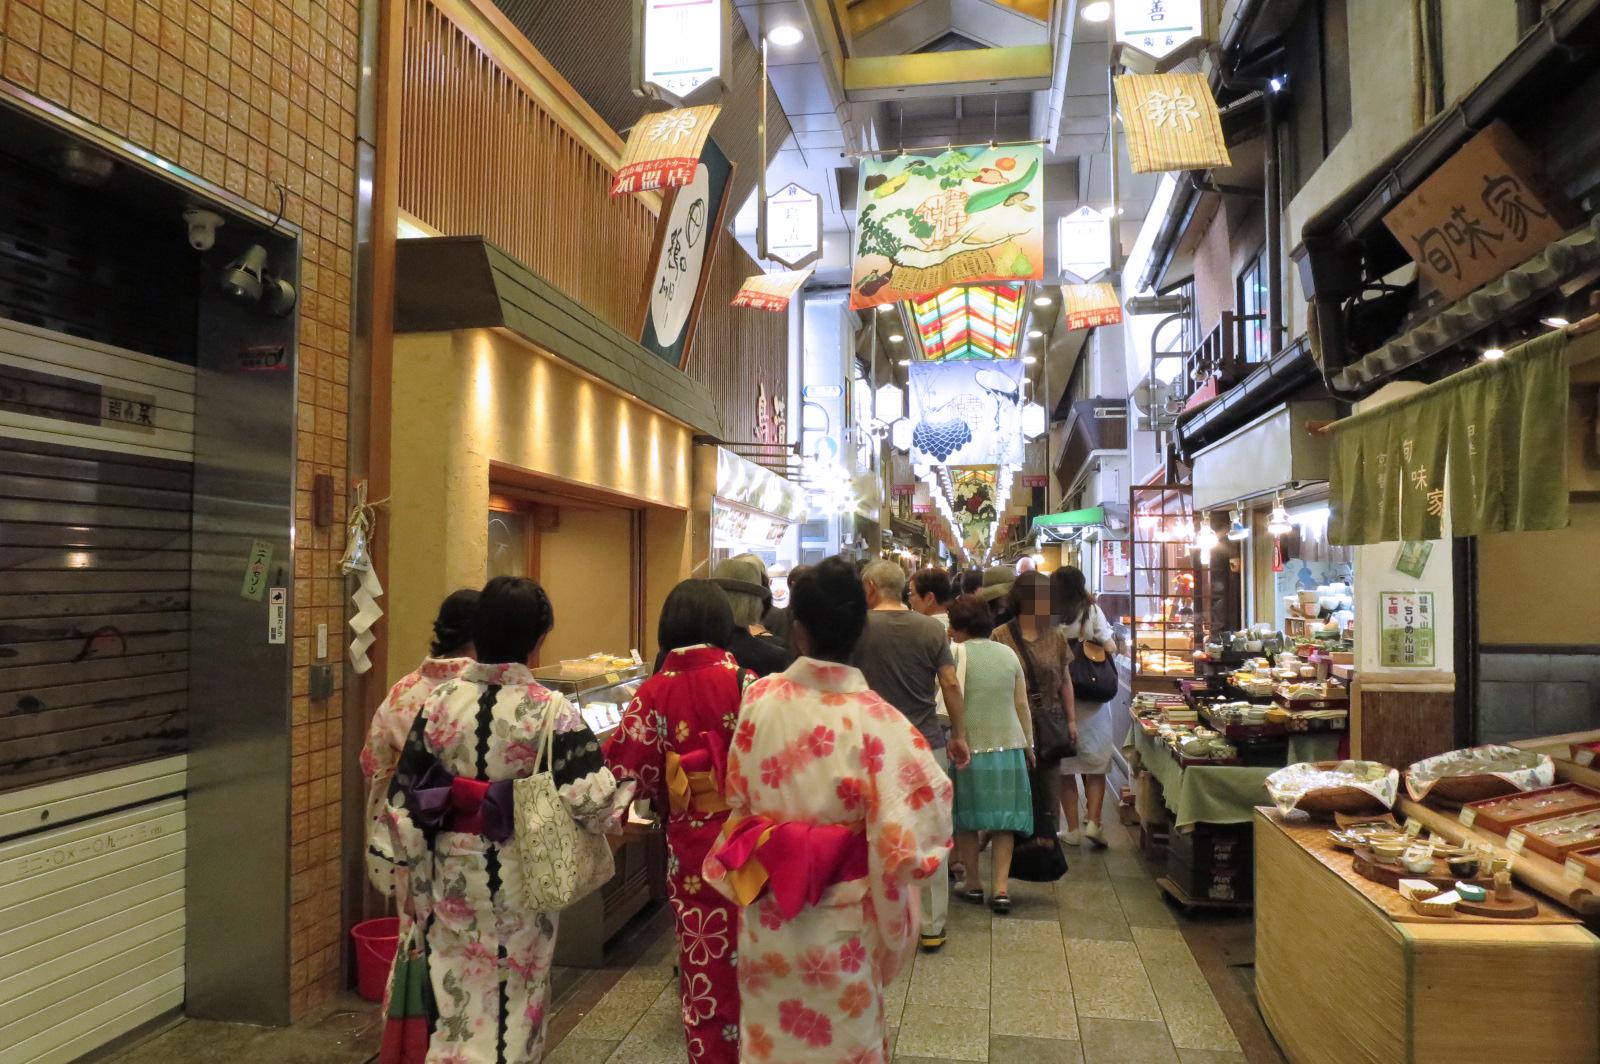 錦市場。いつきても活気があります。